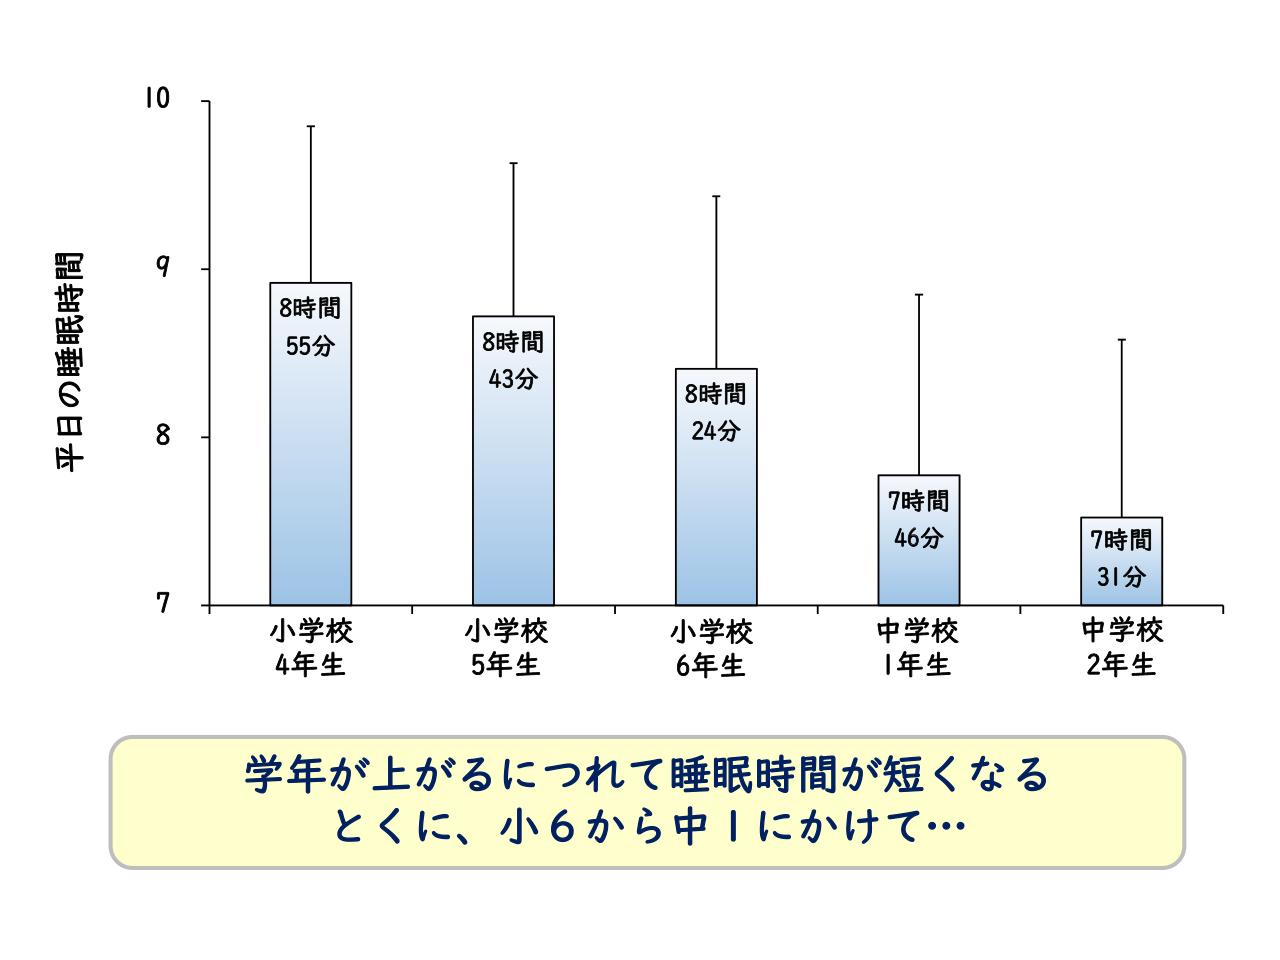 ヨドネル大規模調査 平日の平均睡眠時間